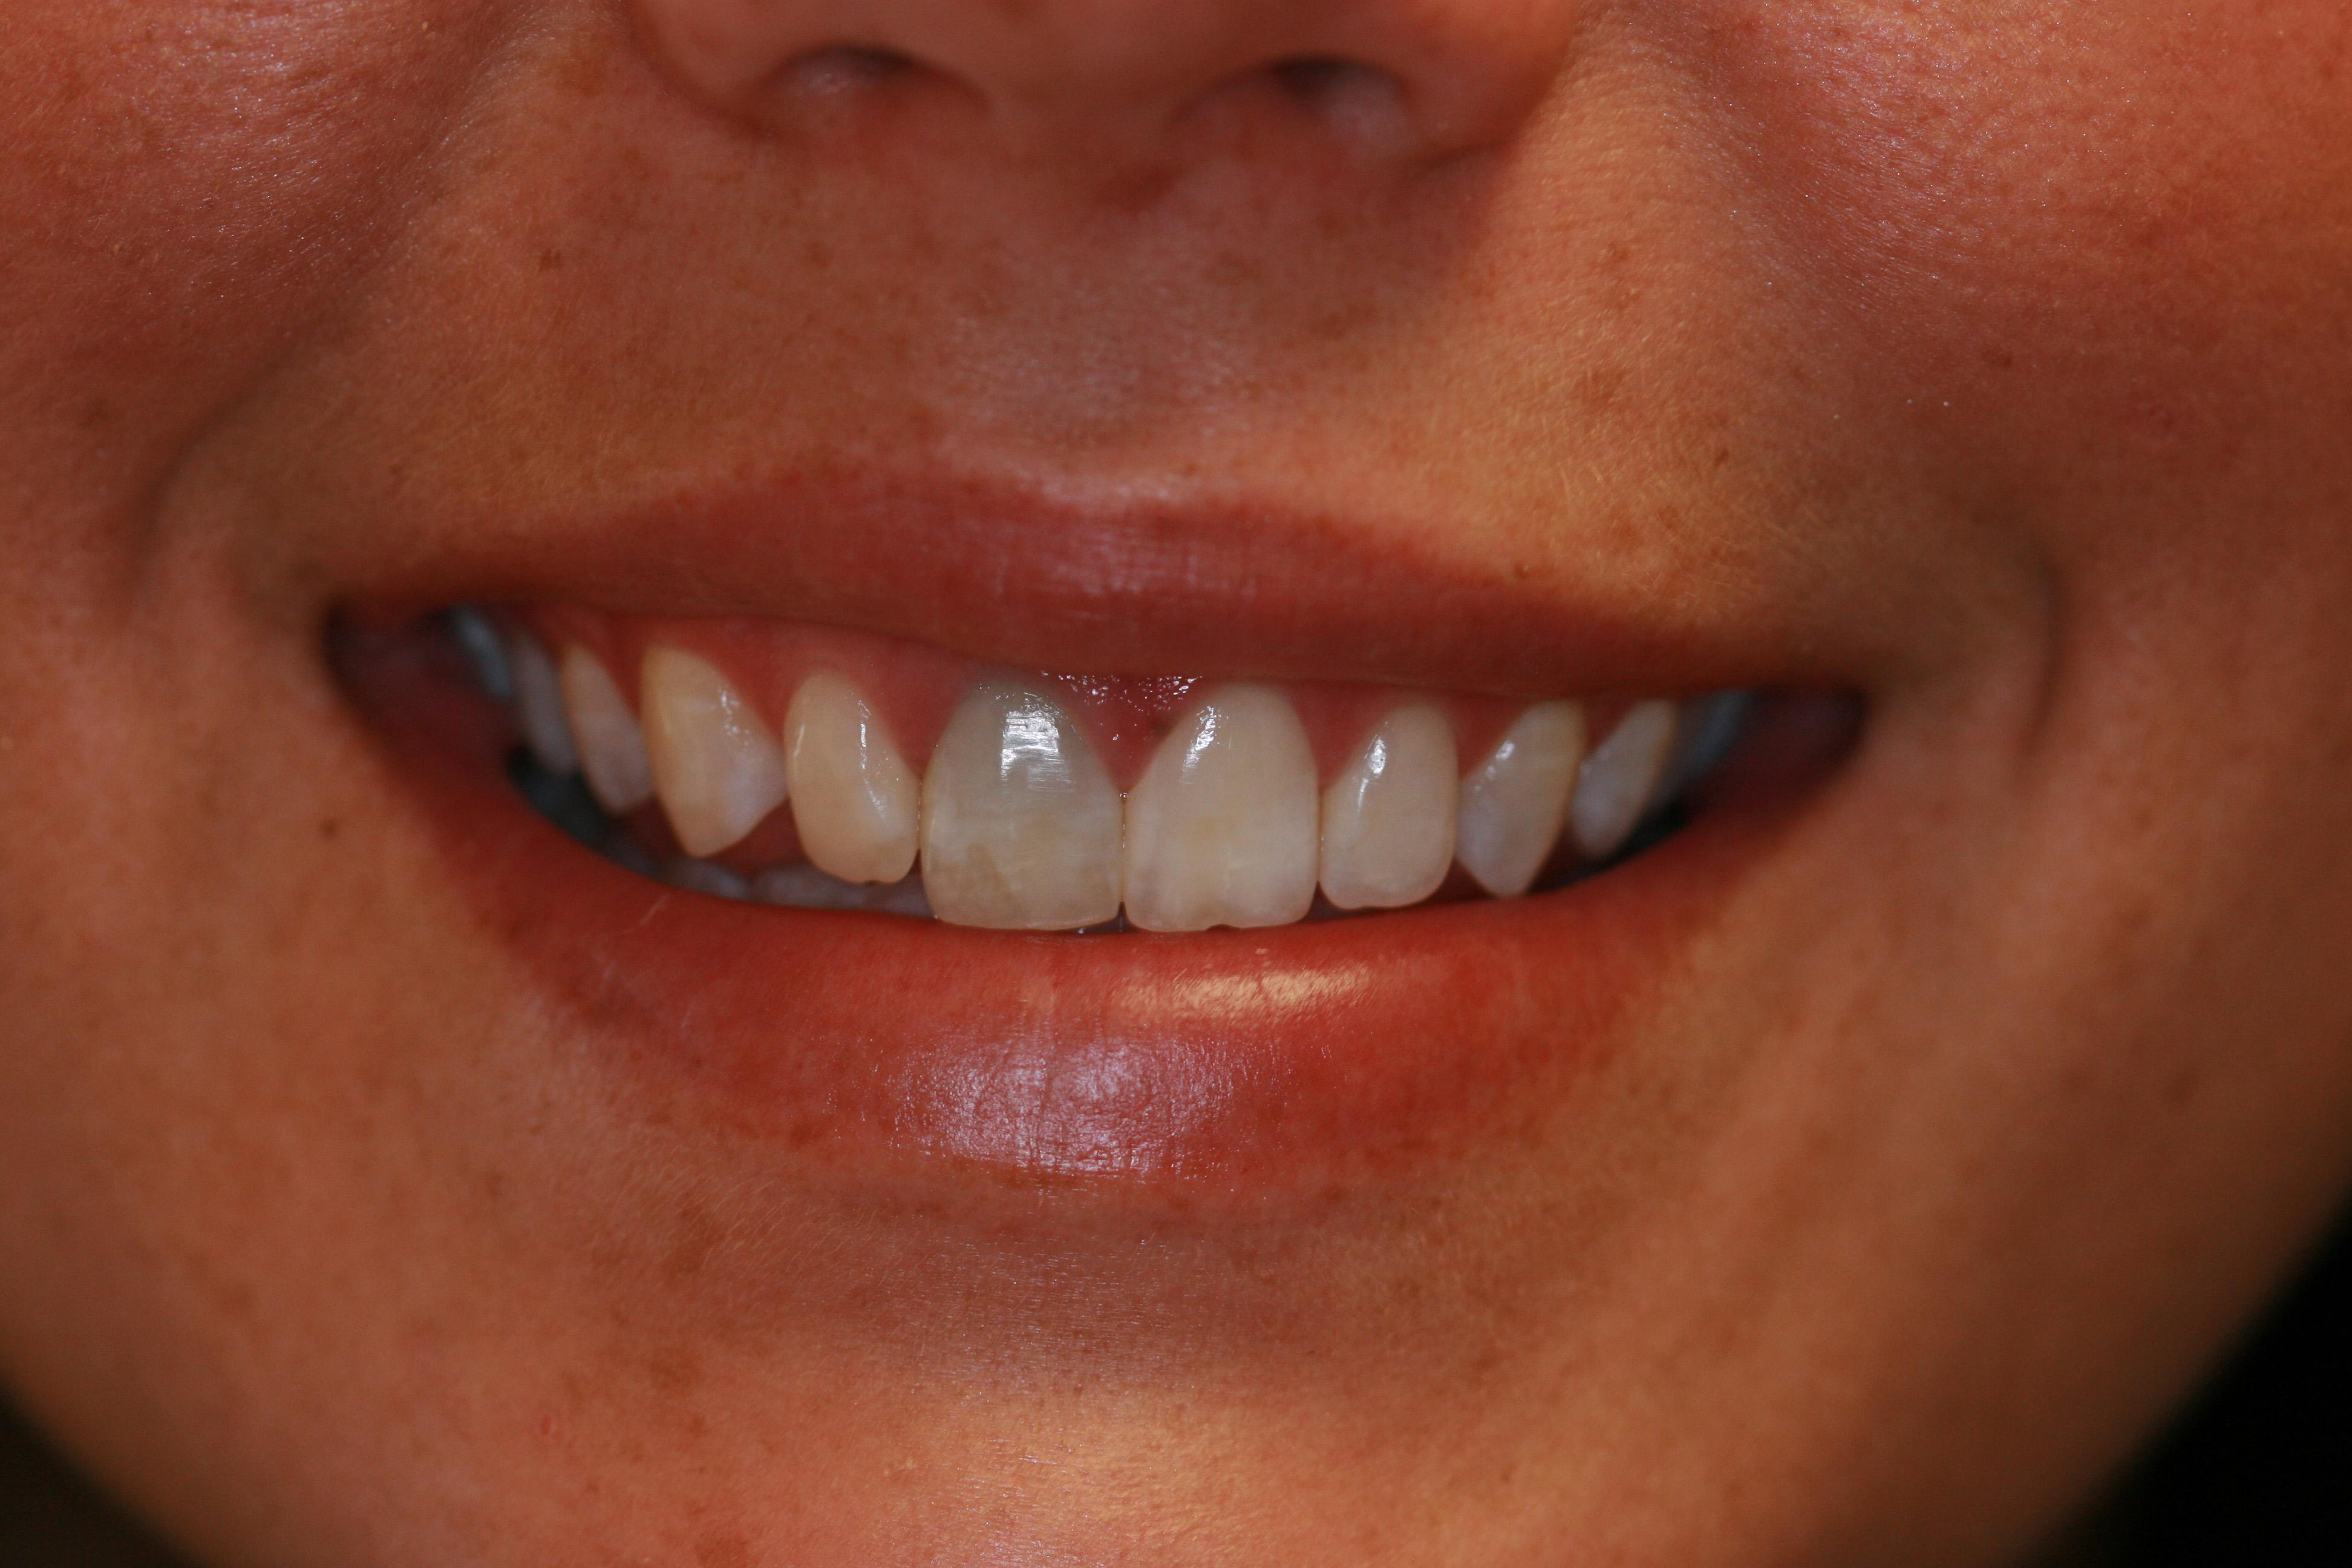 Una tinción dental puede afectar mucho a la estética de nuestra sonrisa, con efectos sociales importantes